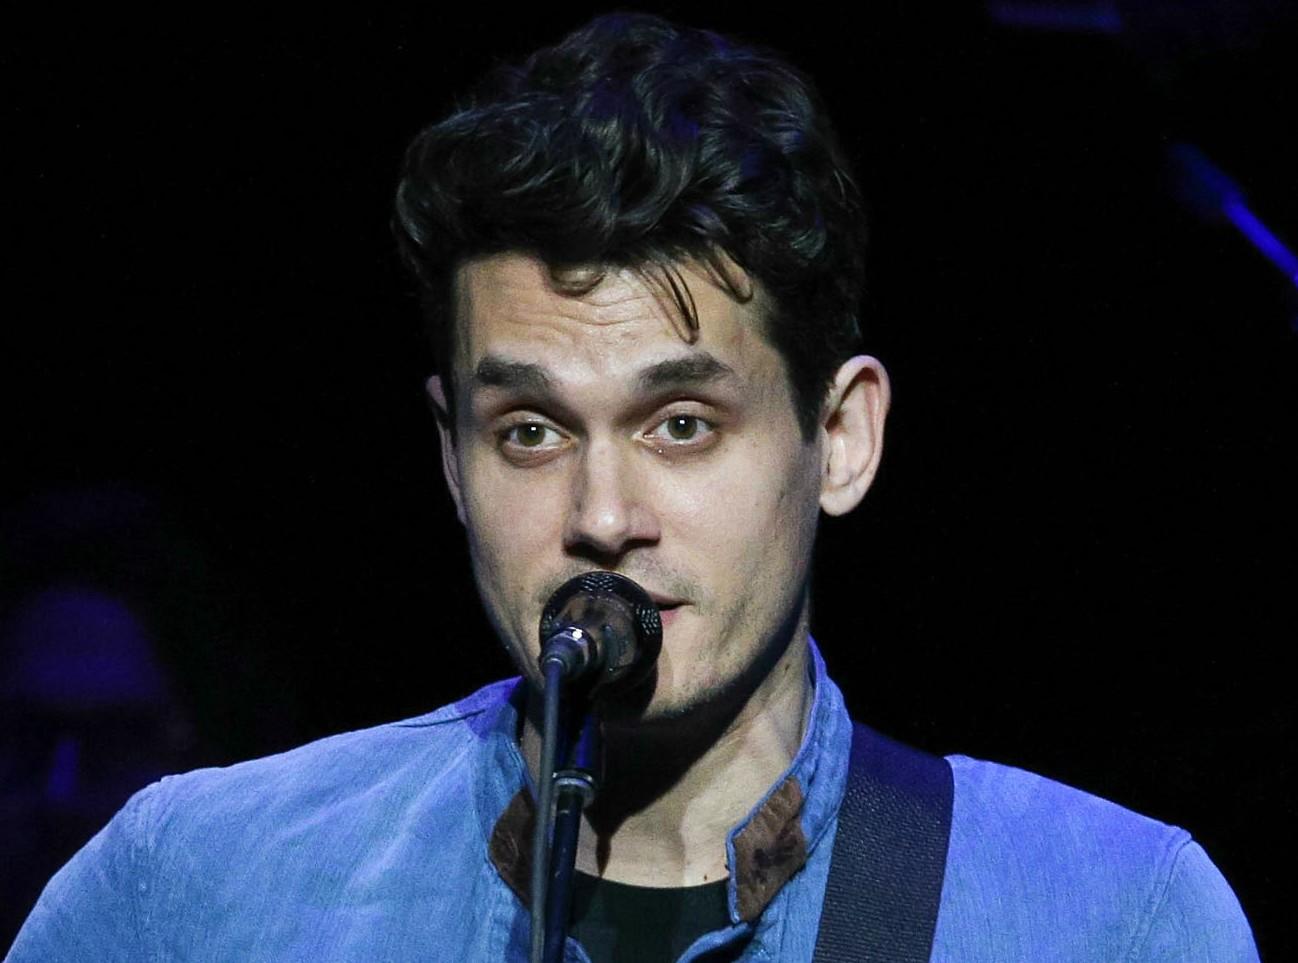 """John Mayer usou uma expressão racista ao ser entrevistado por uma revista dos EUA. Claro que a repercussão foi péssima. O cantor, então, se viu obrigado a pediu desculpas via Twitter: """"Foi arrogante da minha parte pensar que eu poderia intelectualizar o uso [da palavra], porque percebi que não existe intelectualização para um termo tão carregado de paixões"""". (Foto: Getty Images)"""